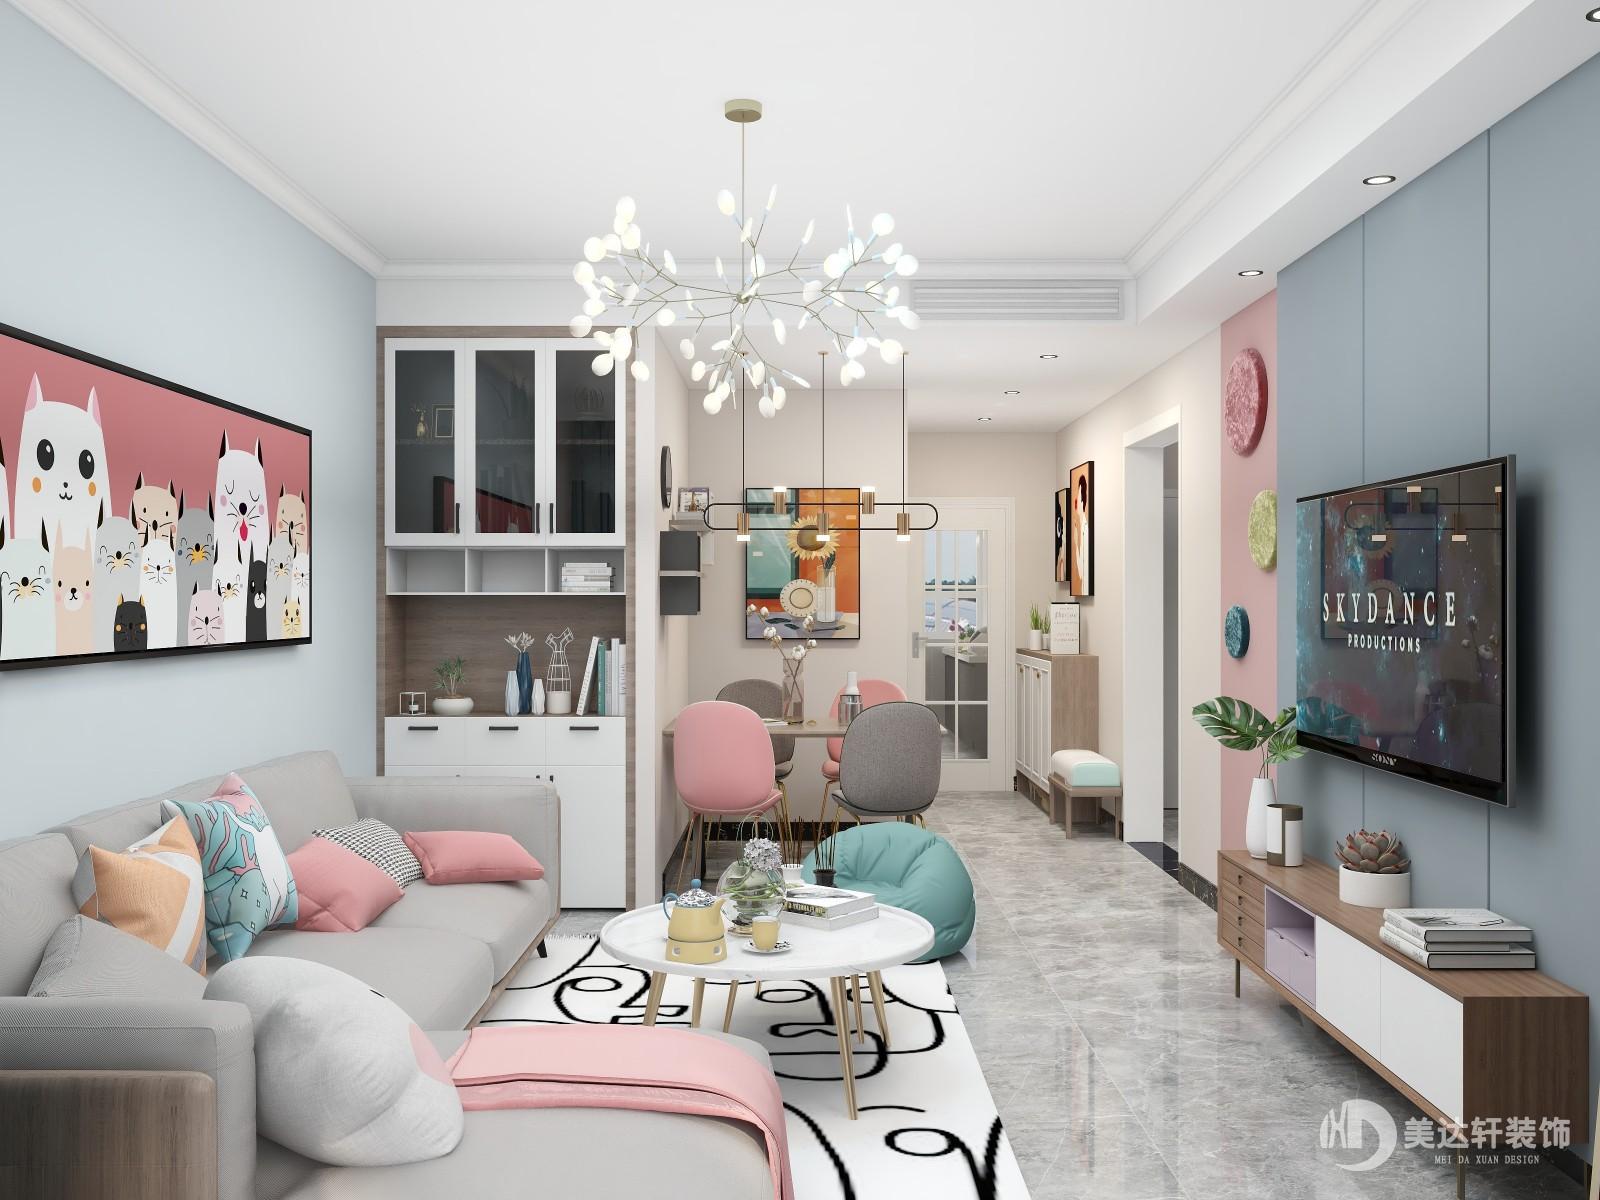 90㎡年轻人的两居设计!粉蓝重新定义生活的可爱